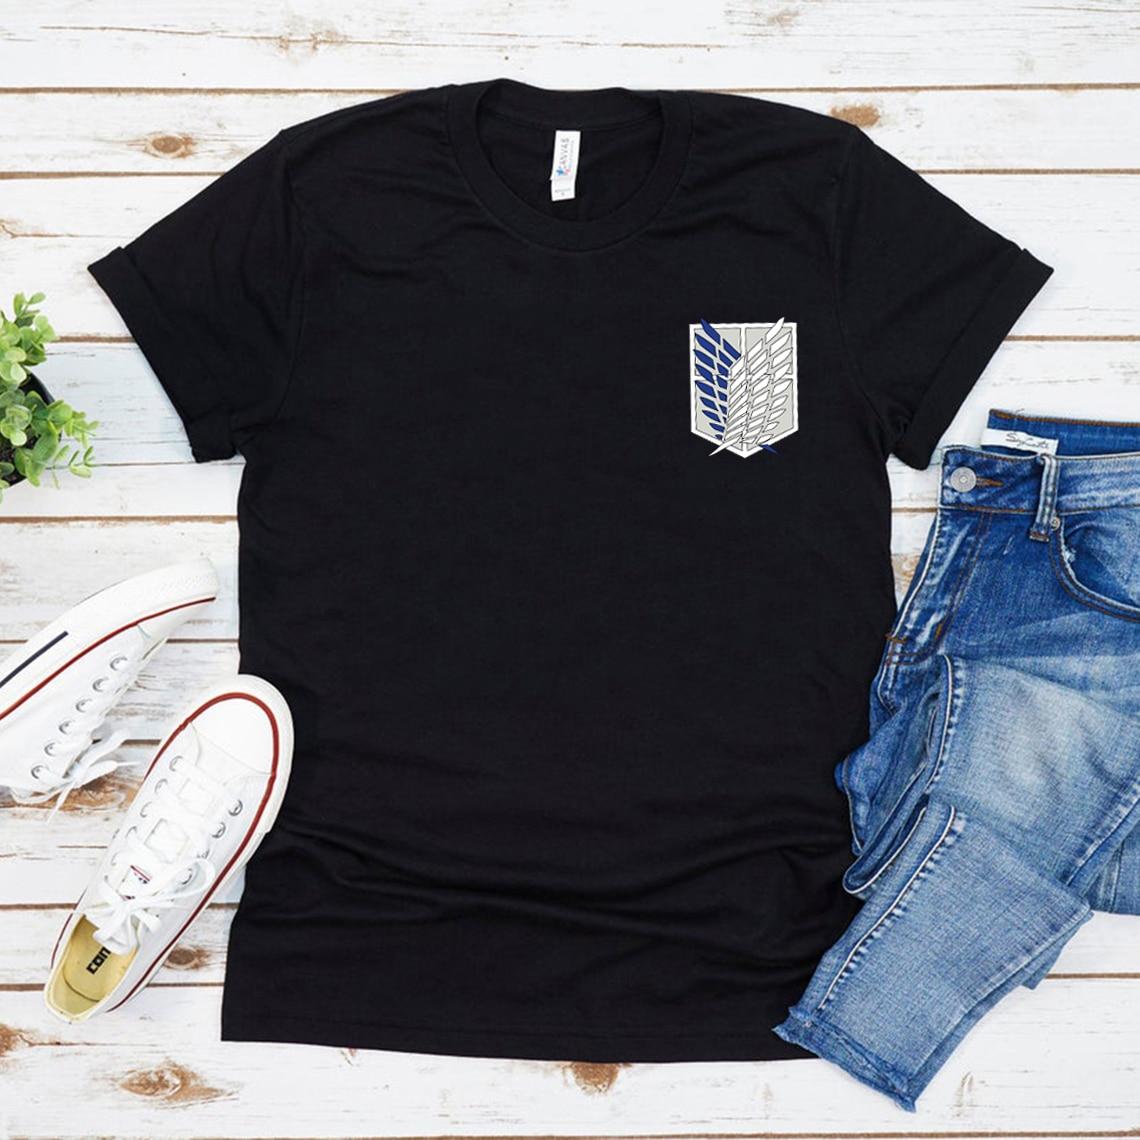 ataque-en-titan-camiseta-aot-camisa-titan-encuesta-cuerpo-t-camisa-unisex-camiseta-regalo-grafico-tee-japones-manga-camiseta-anime-harajuku-camisetas